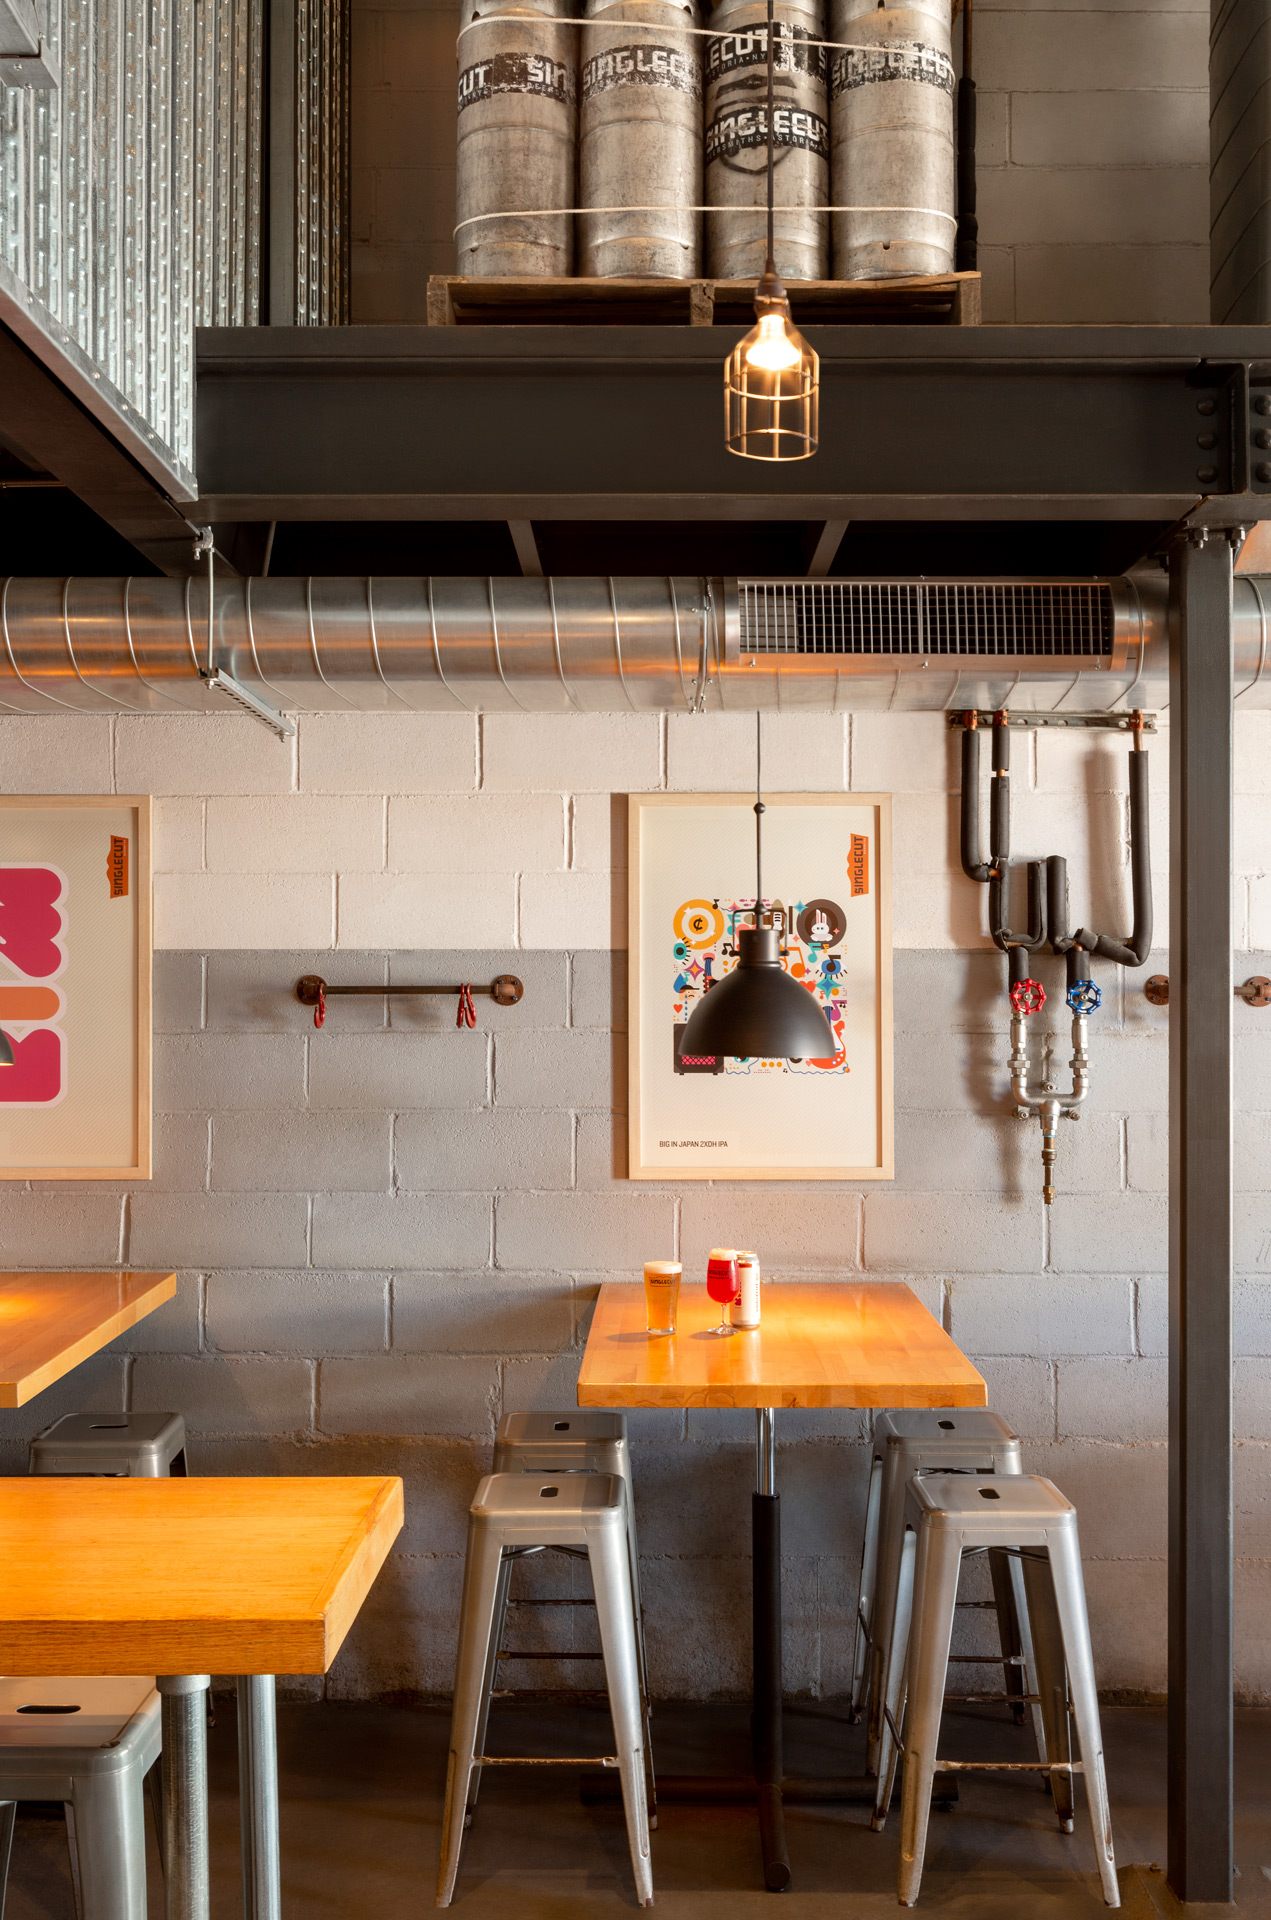 Singlecut Beersmiths restaurant designer near me